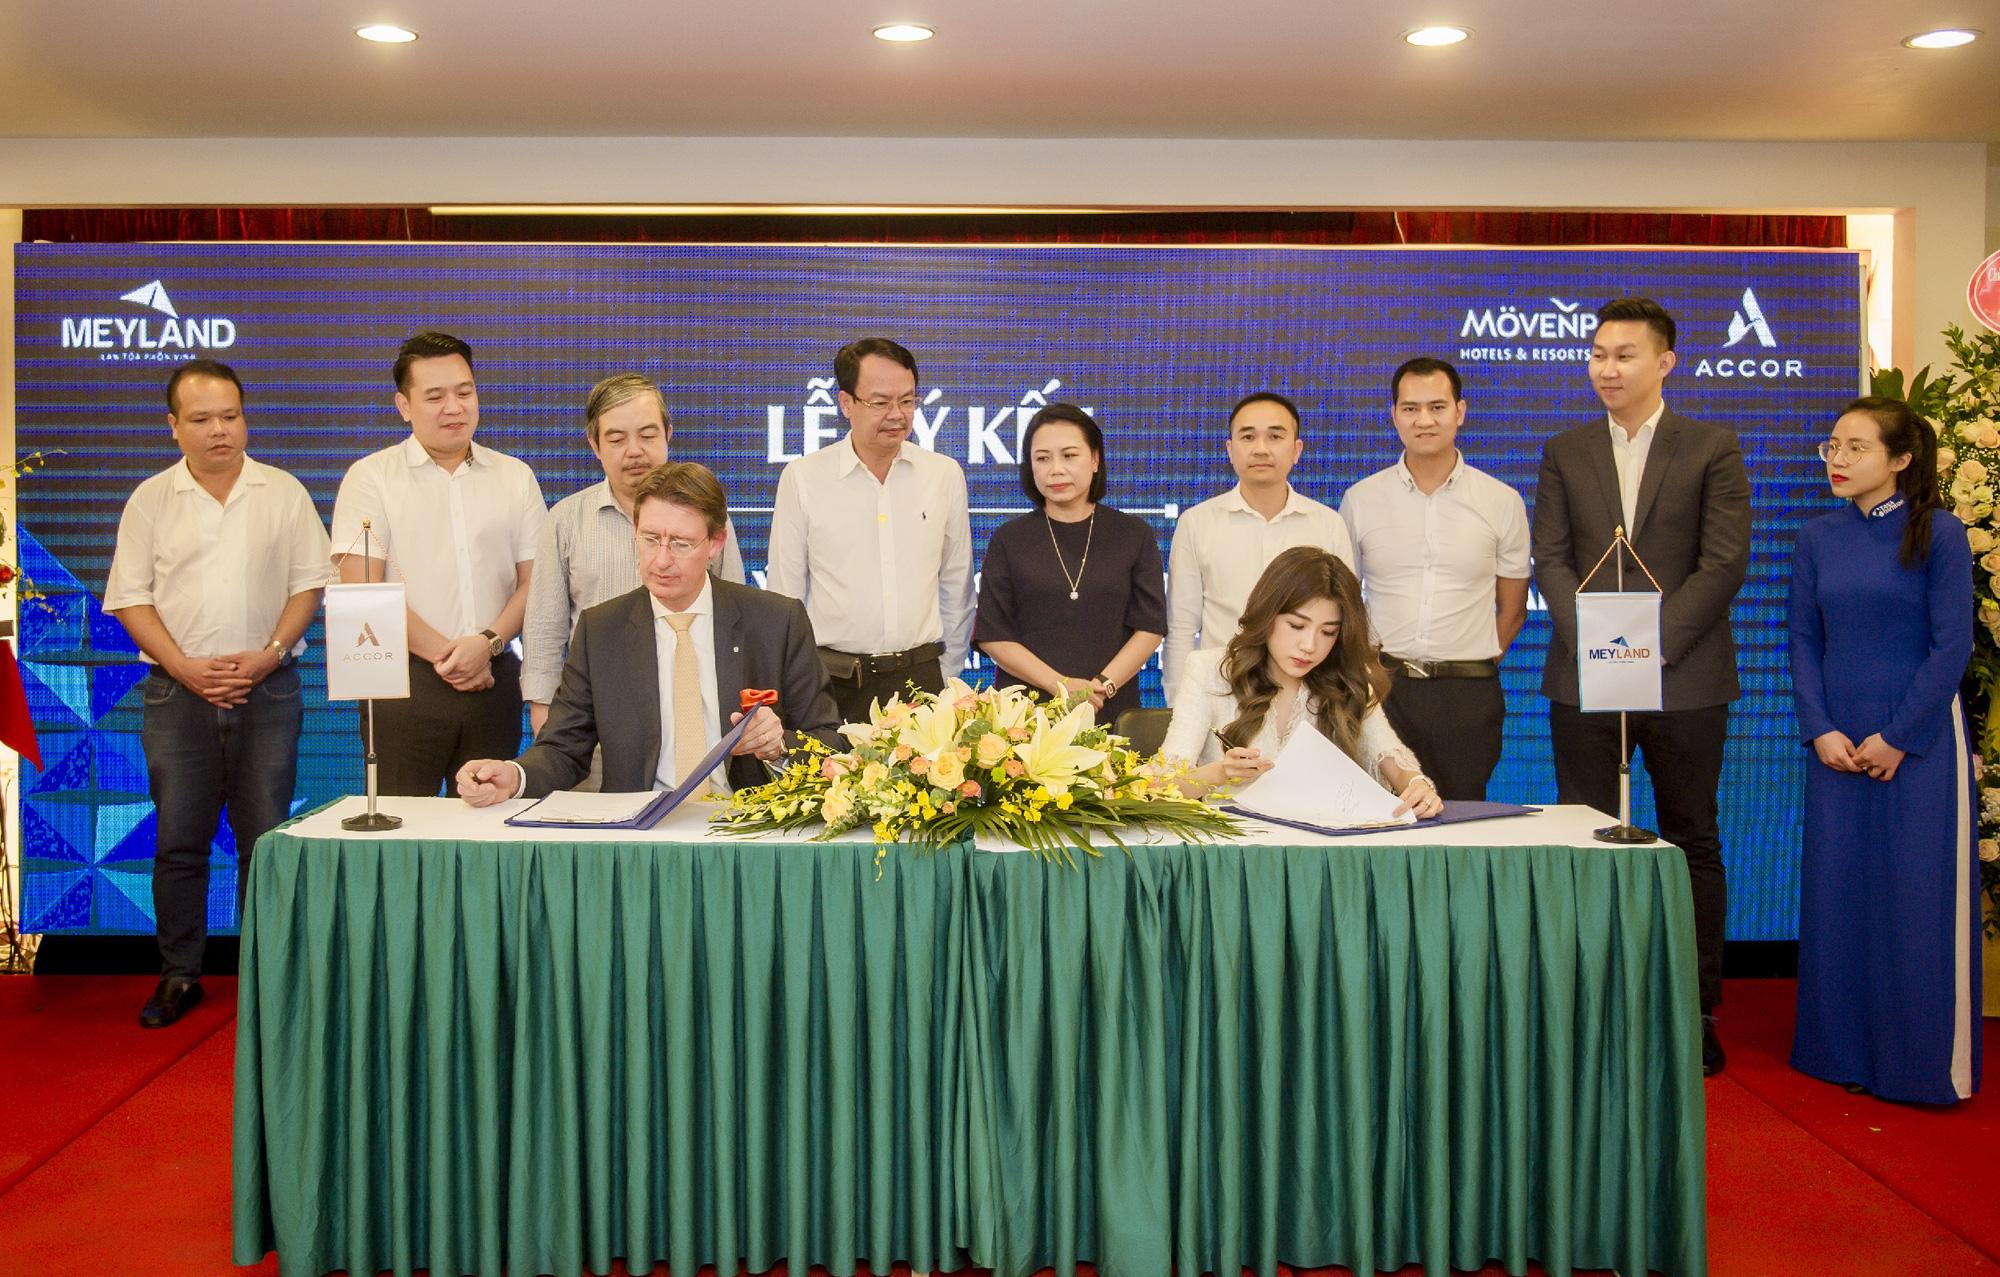 Tập đoàn Tân Á Đại Thành – Meyland ký hợp tác với Tập đoàn Accor - Ảnh 1.